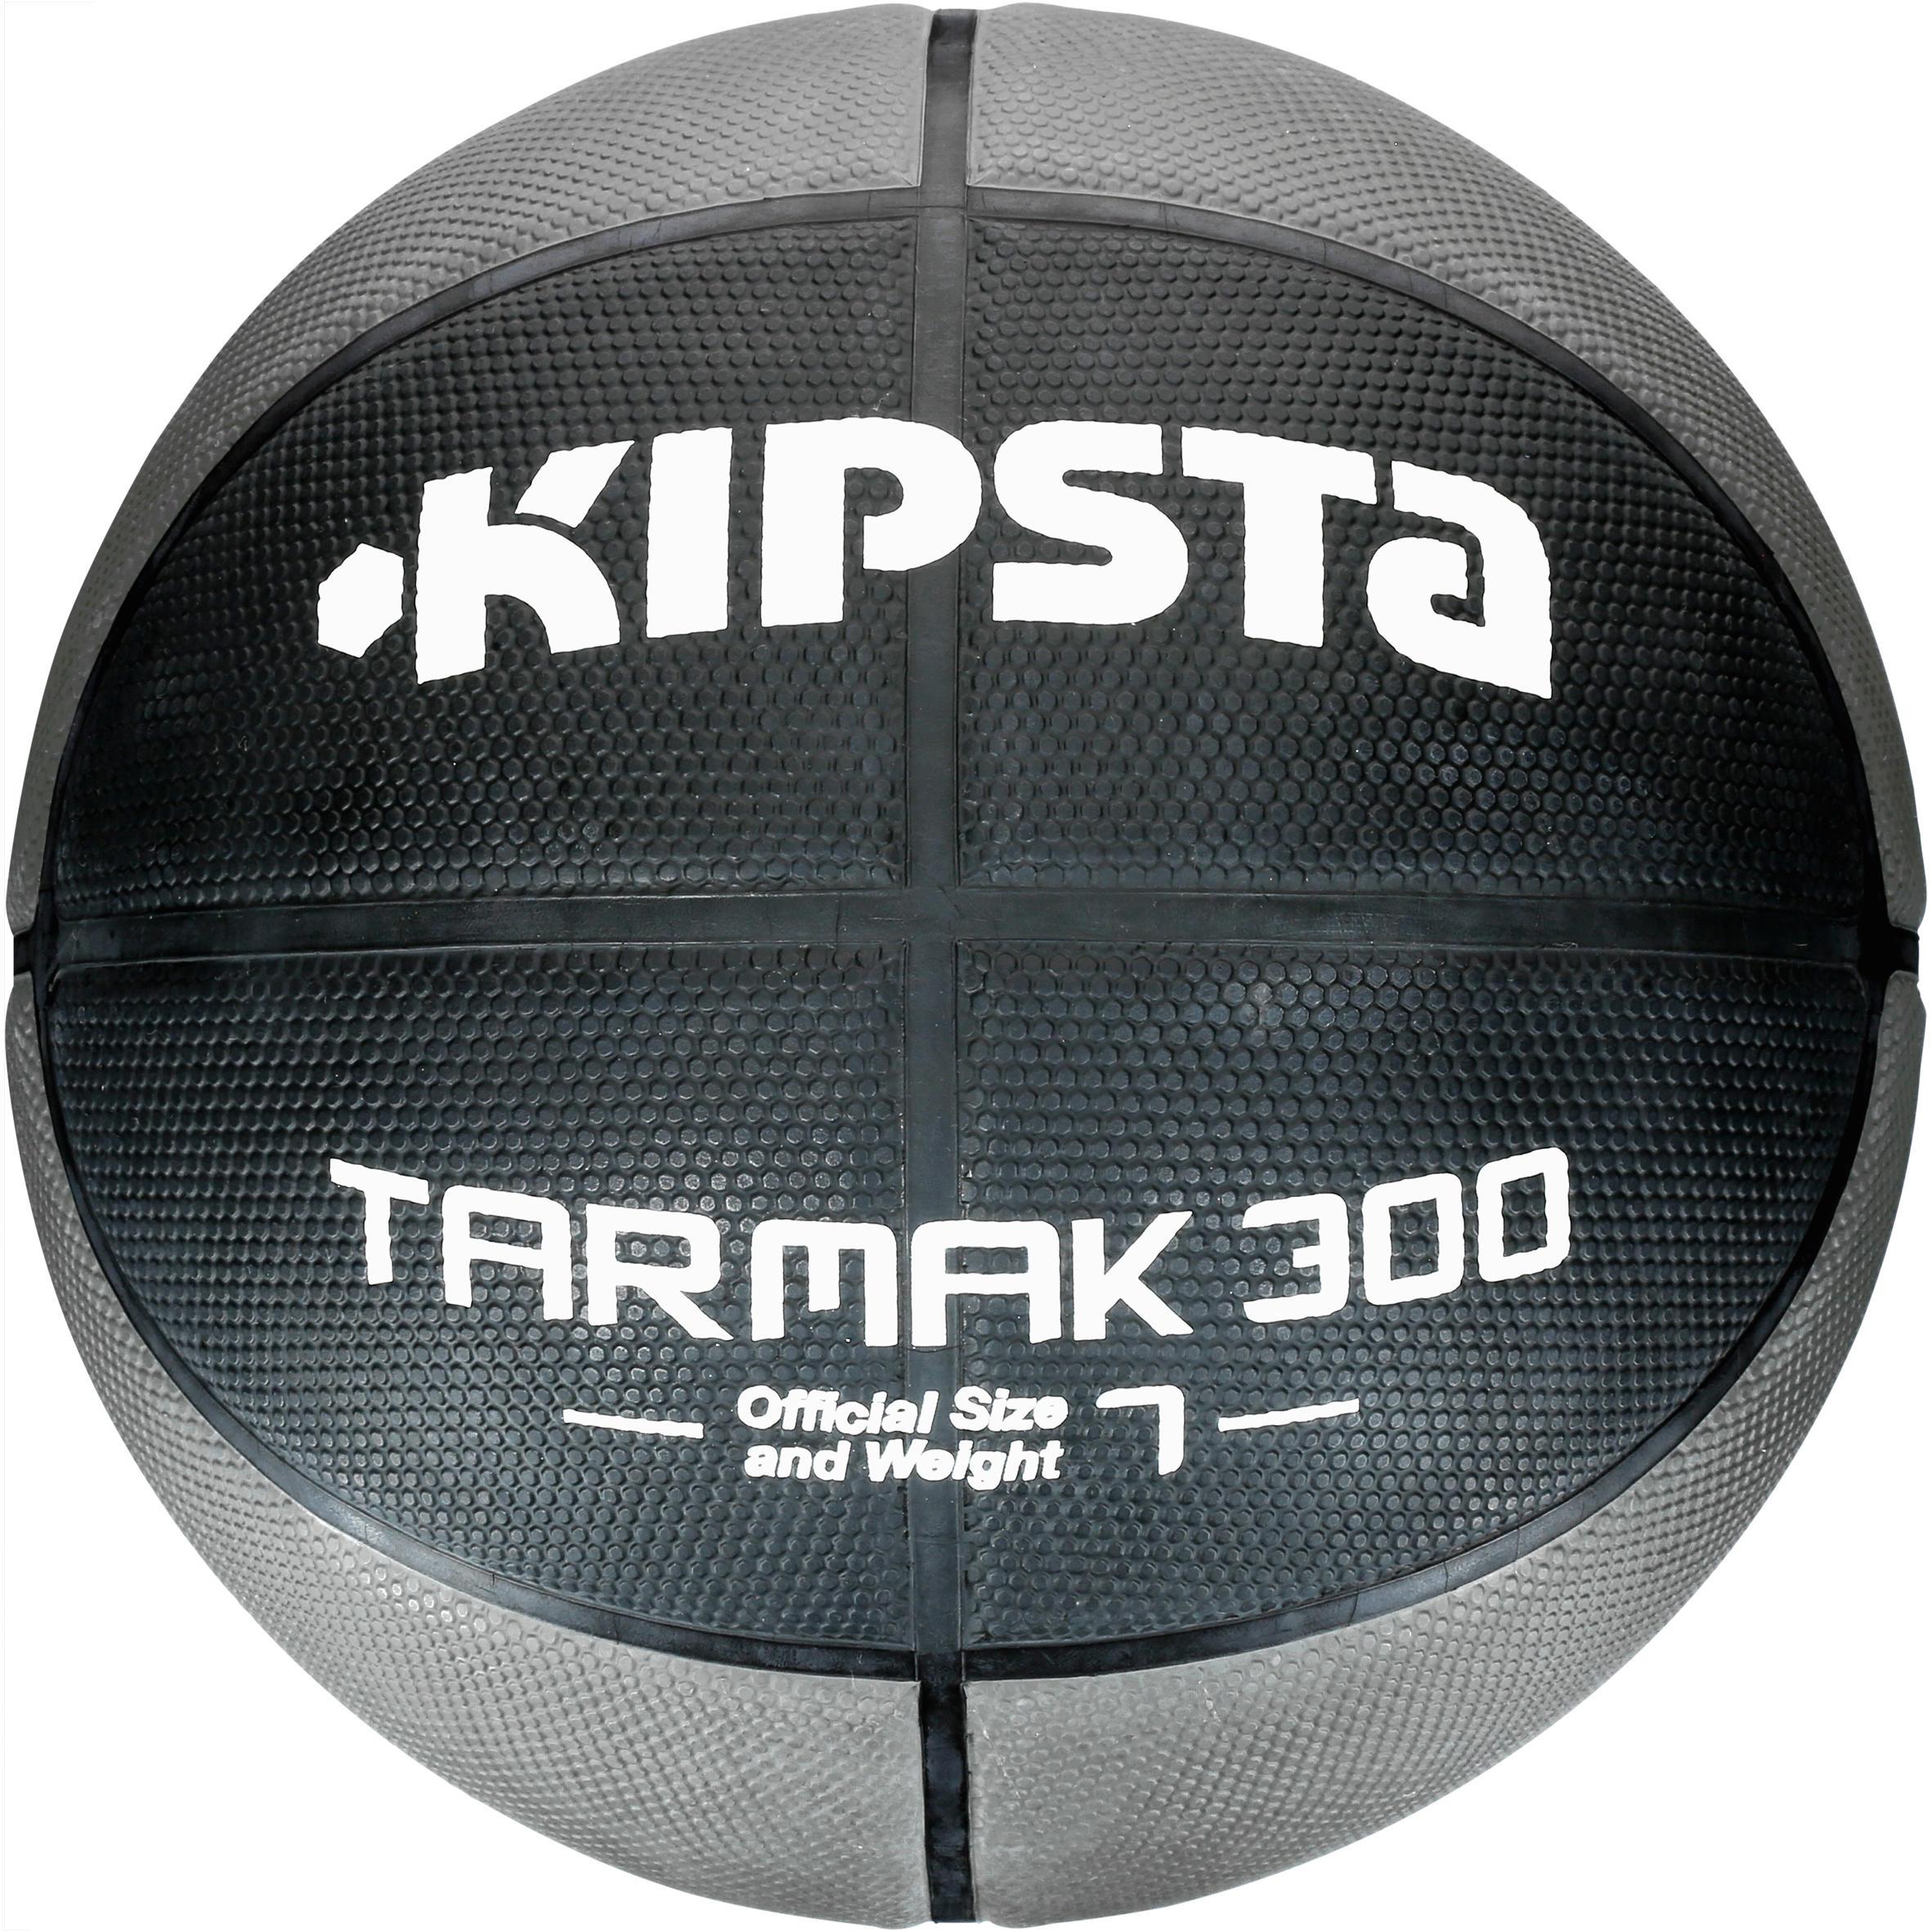 Tarmak Basketbal Tarmak 300 maat 7